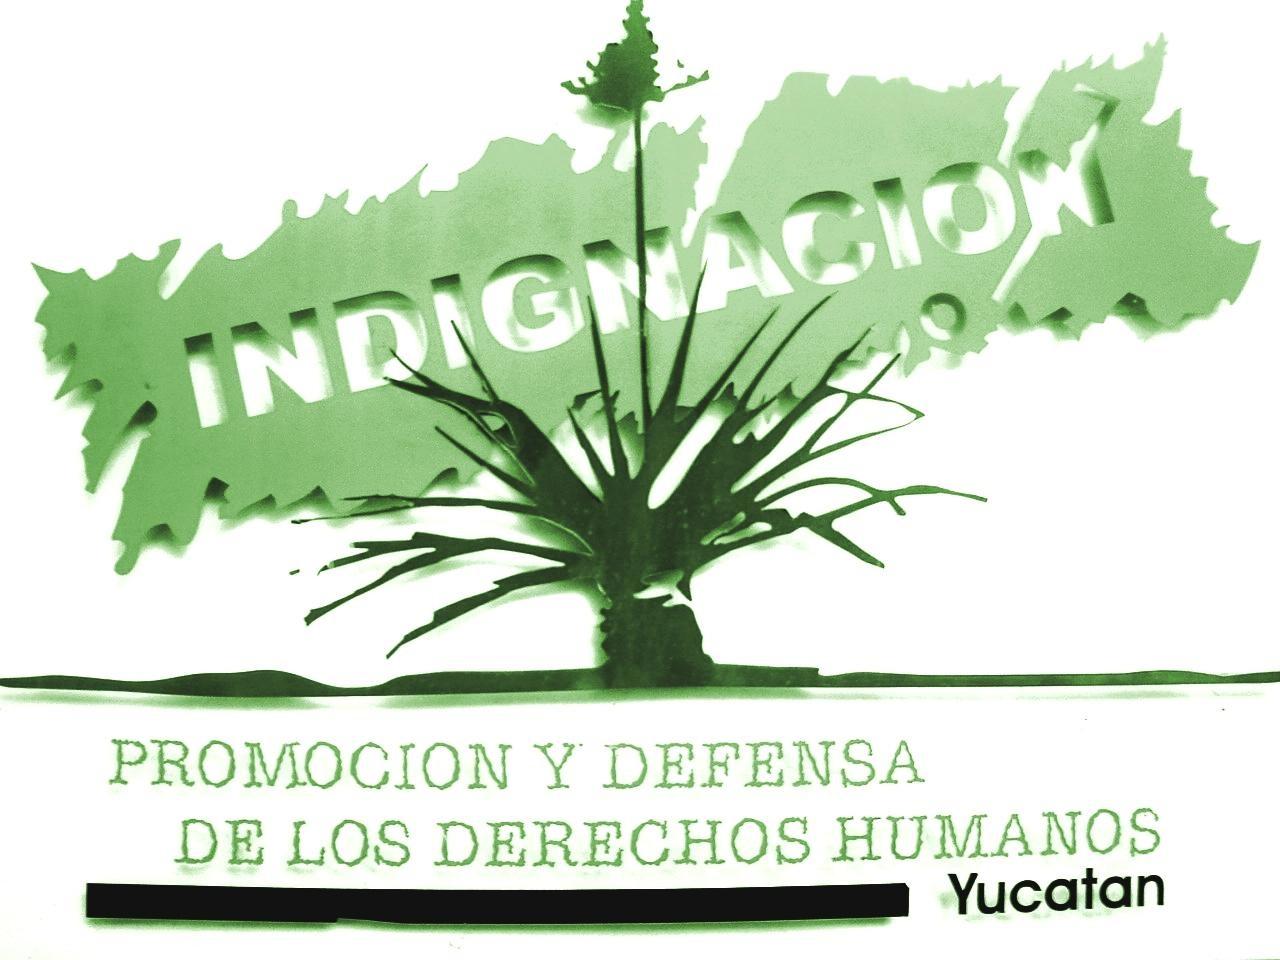 Reprueba Indignación proyecto de Escudo Yucatán